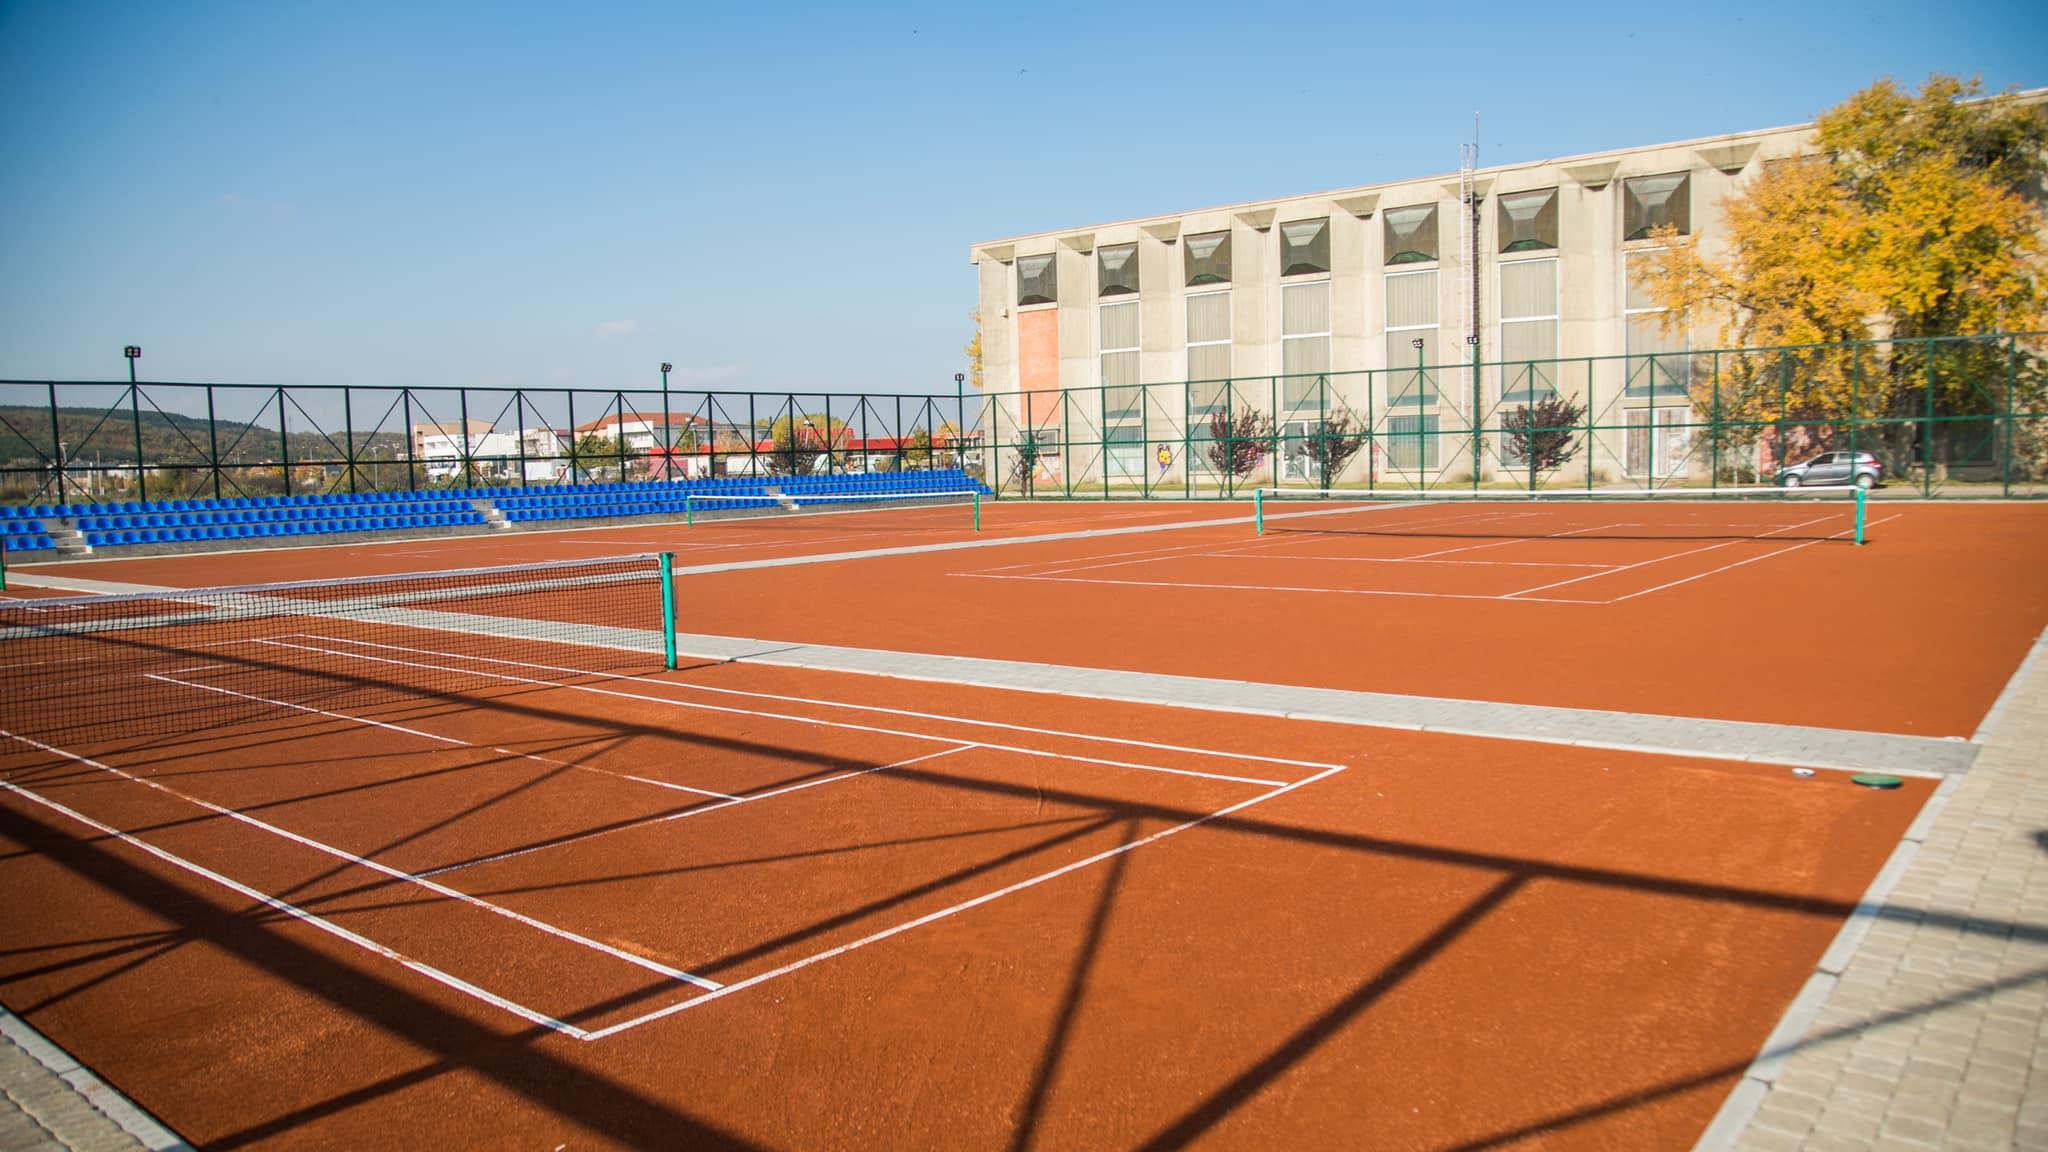 123253451 3522340521145091 49299517643658426 o1 - Përurohet fusha e tenisit dhe vihet gurthemeli i Qendrës Multifunksionale në Ferizaj